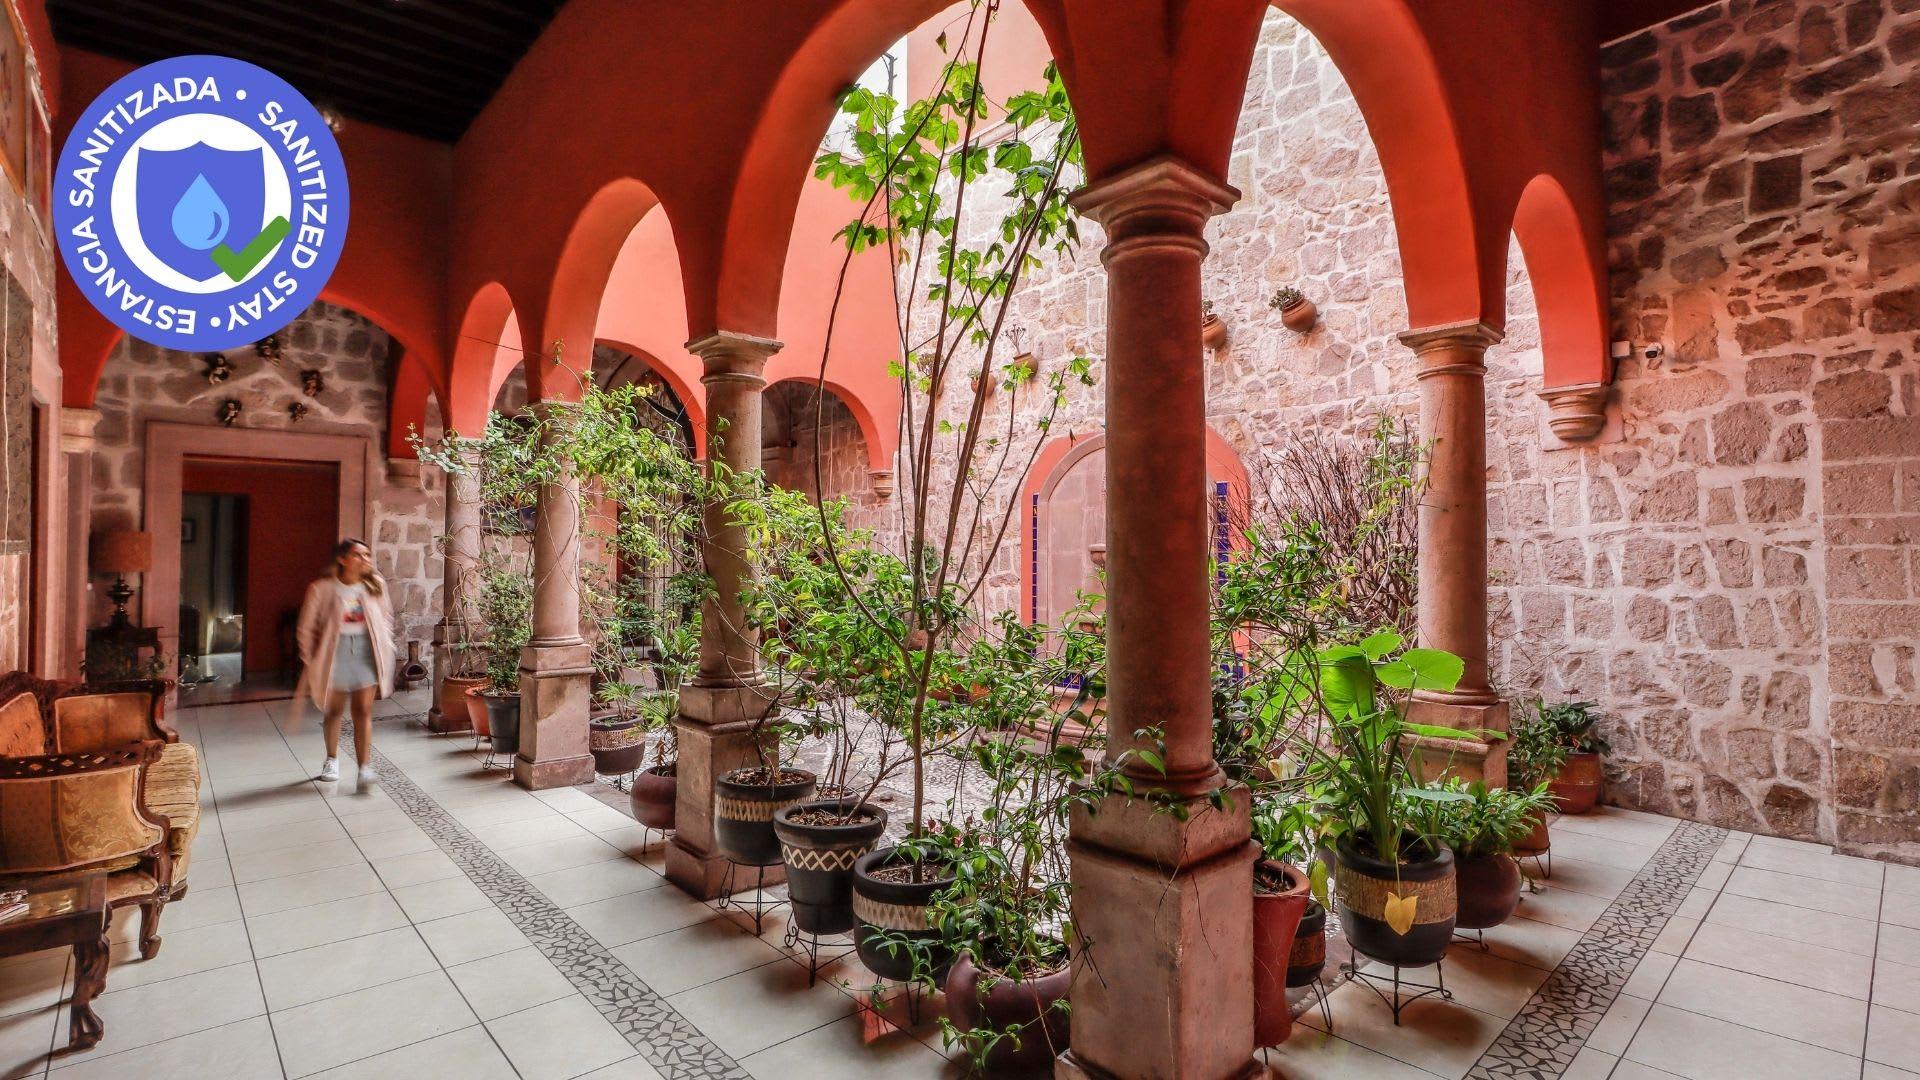 5 Hotel La Siesta del Fauno en Morelia